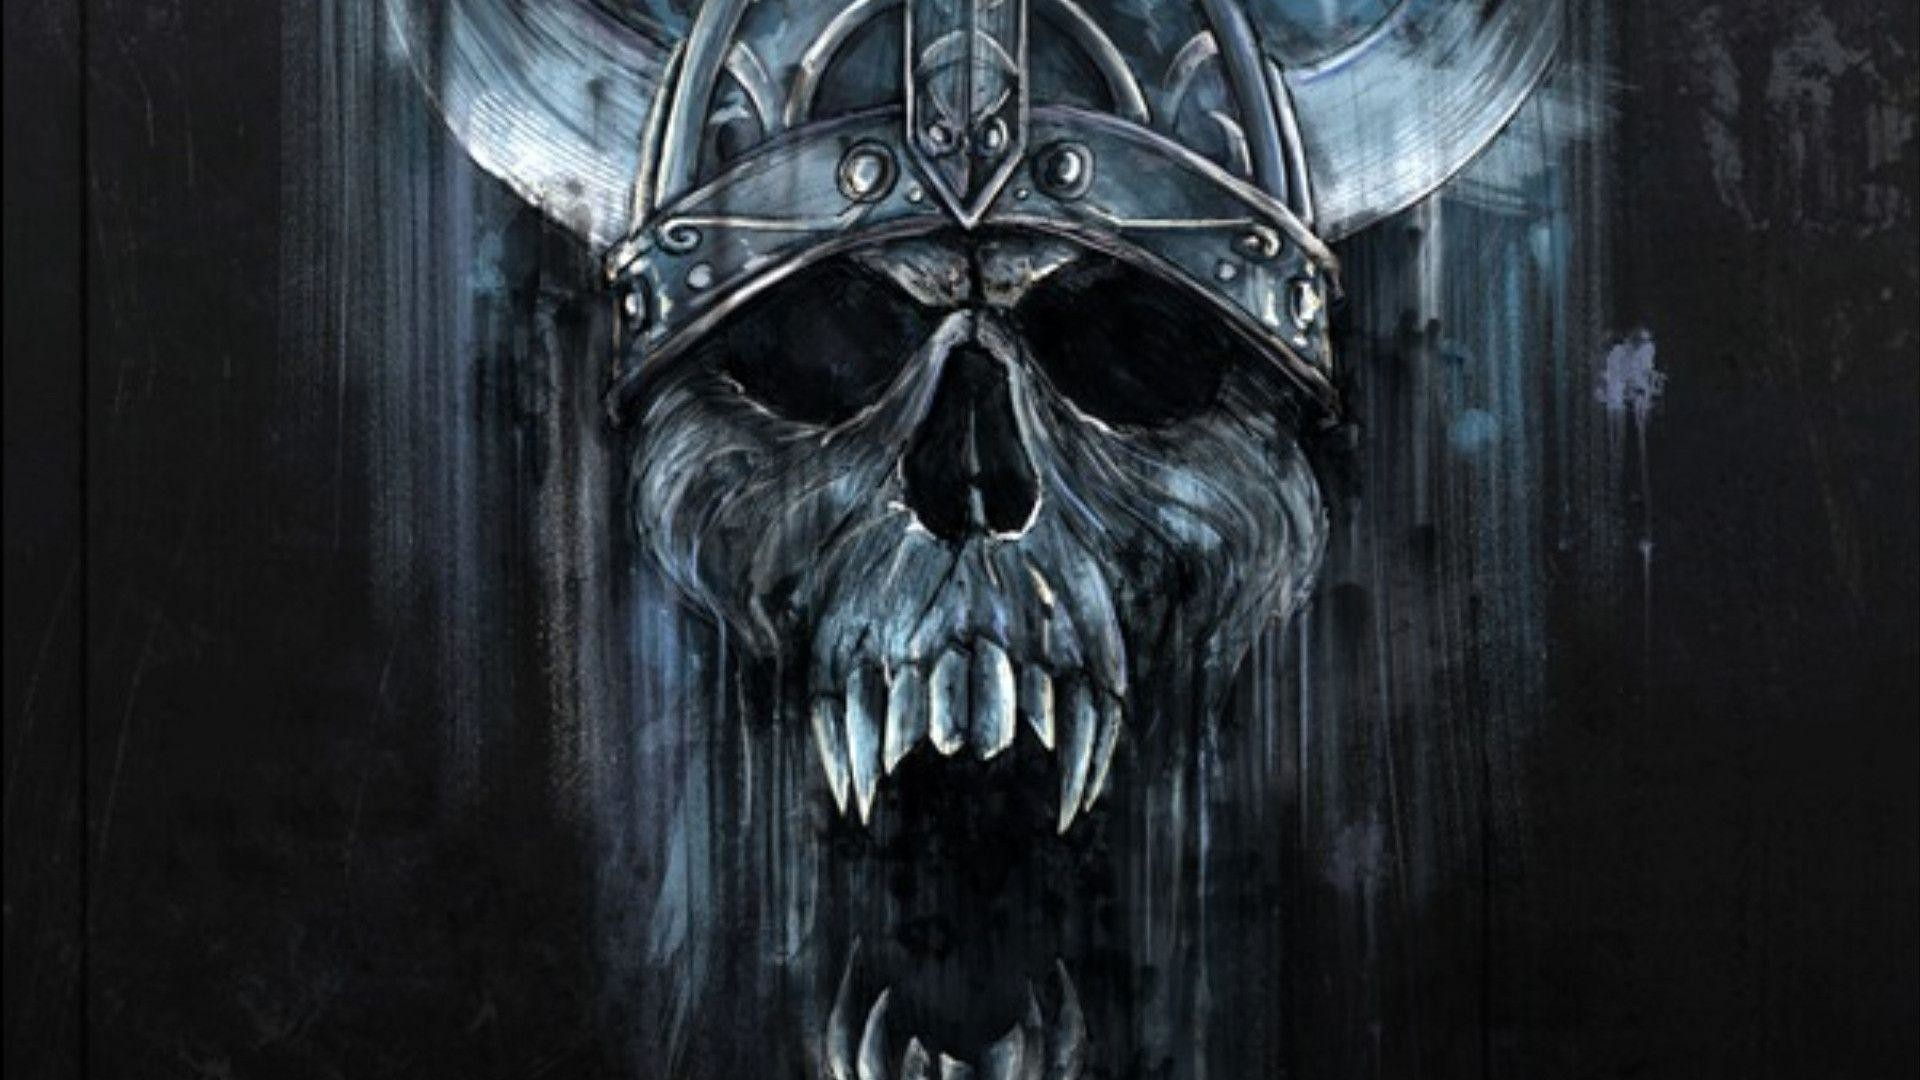 603 Skull Wallpapers | Skull Backgrounds